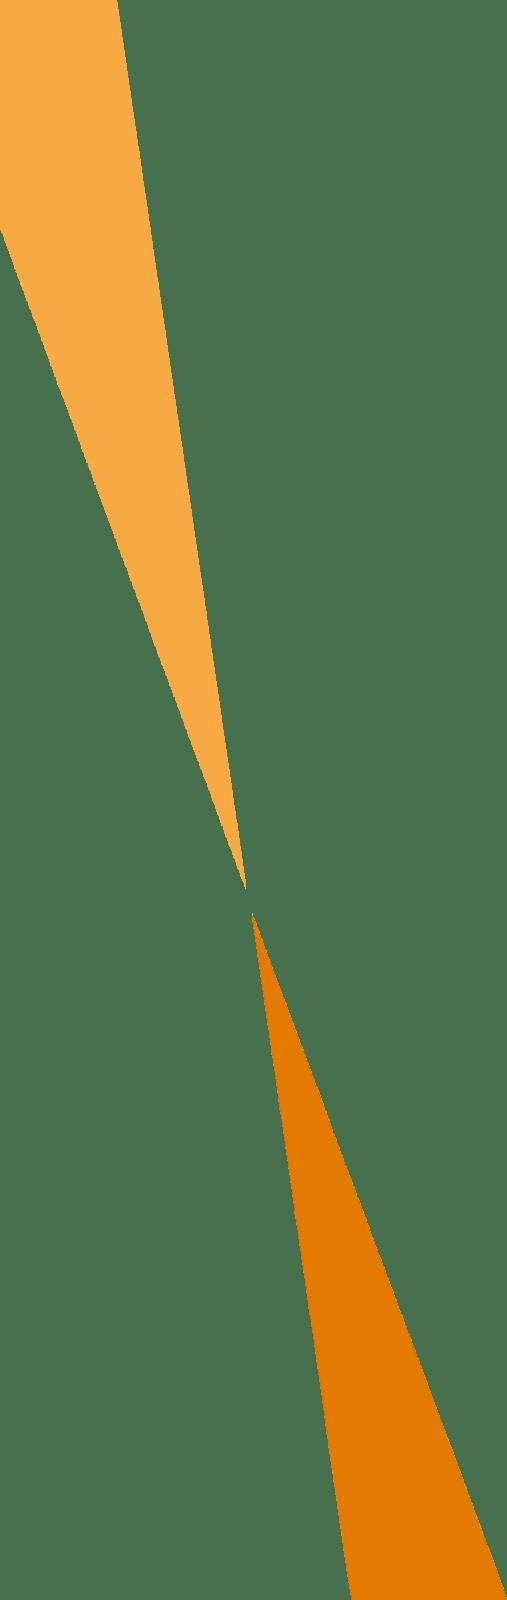 Cical Ingénierie Industrielle et Maîtrise d'œuvre